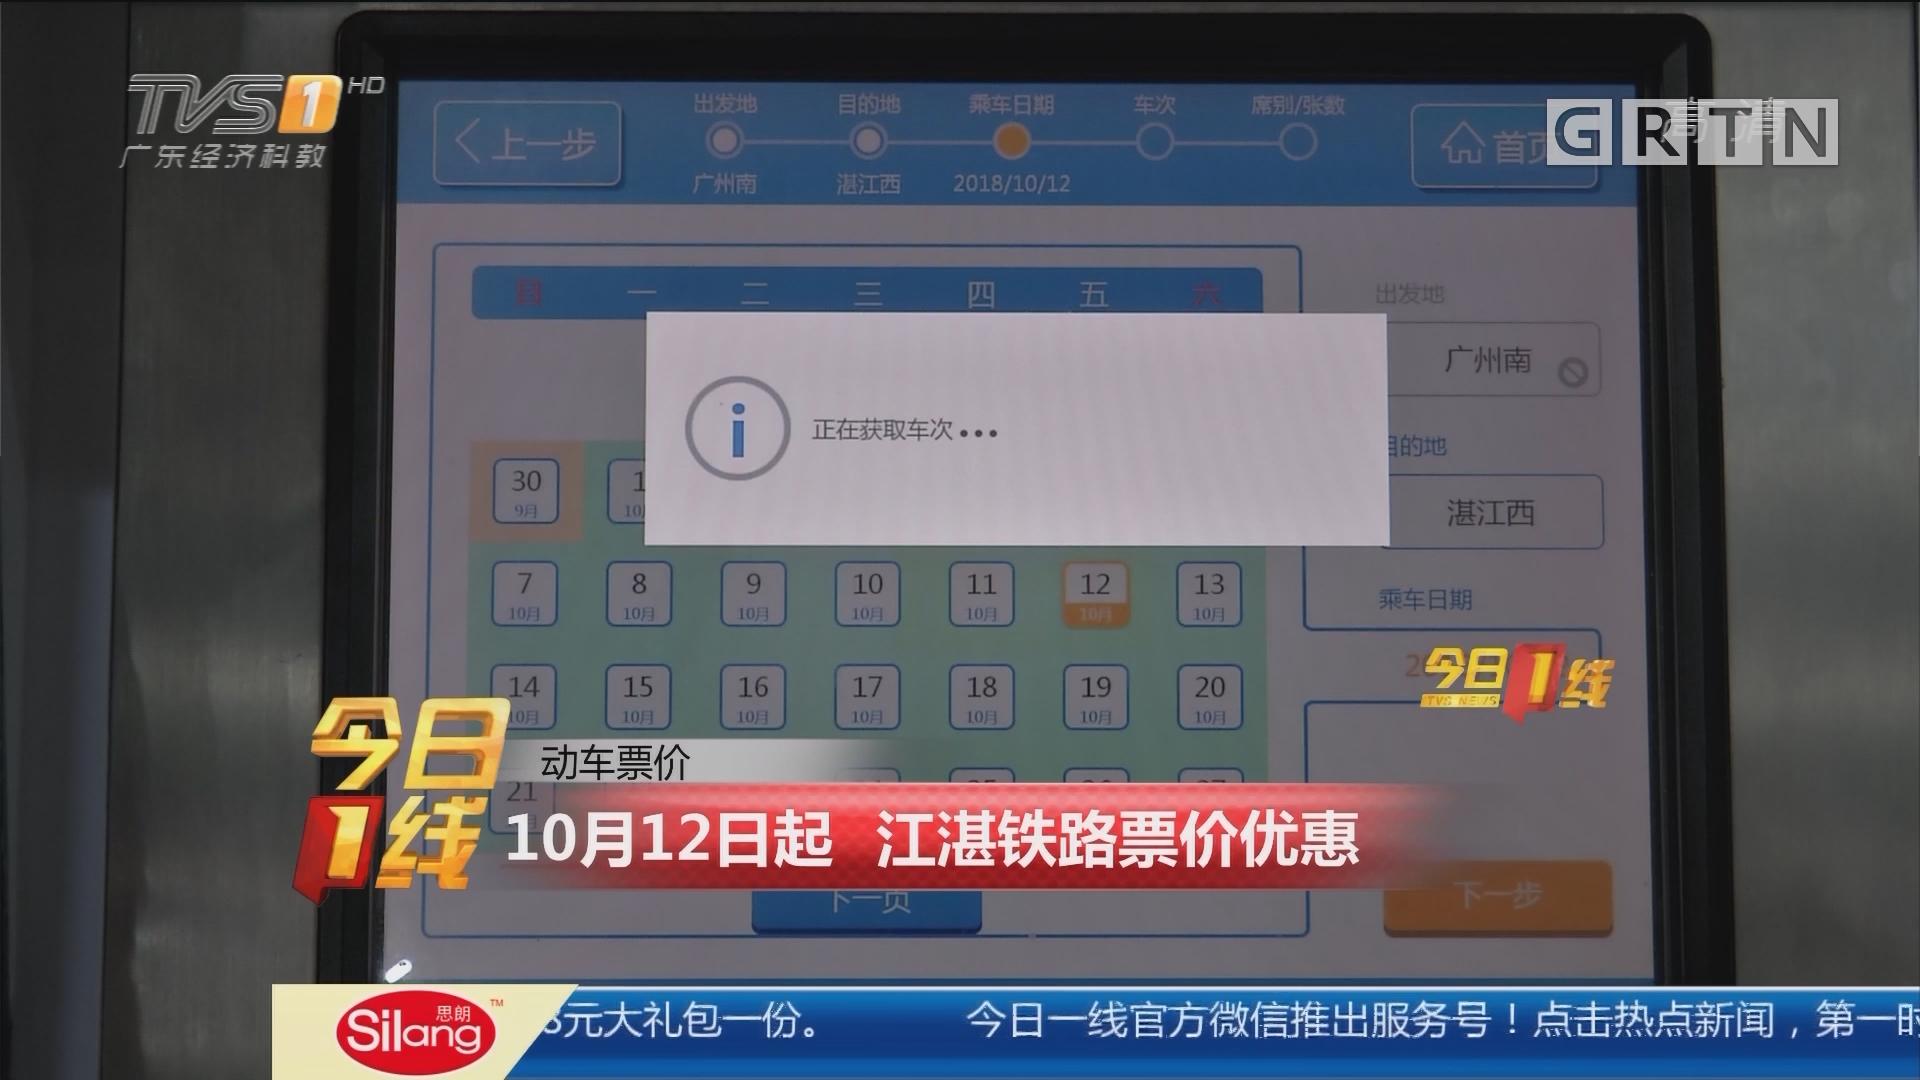 动车票价:10月12日起 江湛铁路票价优惠